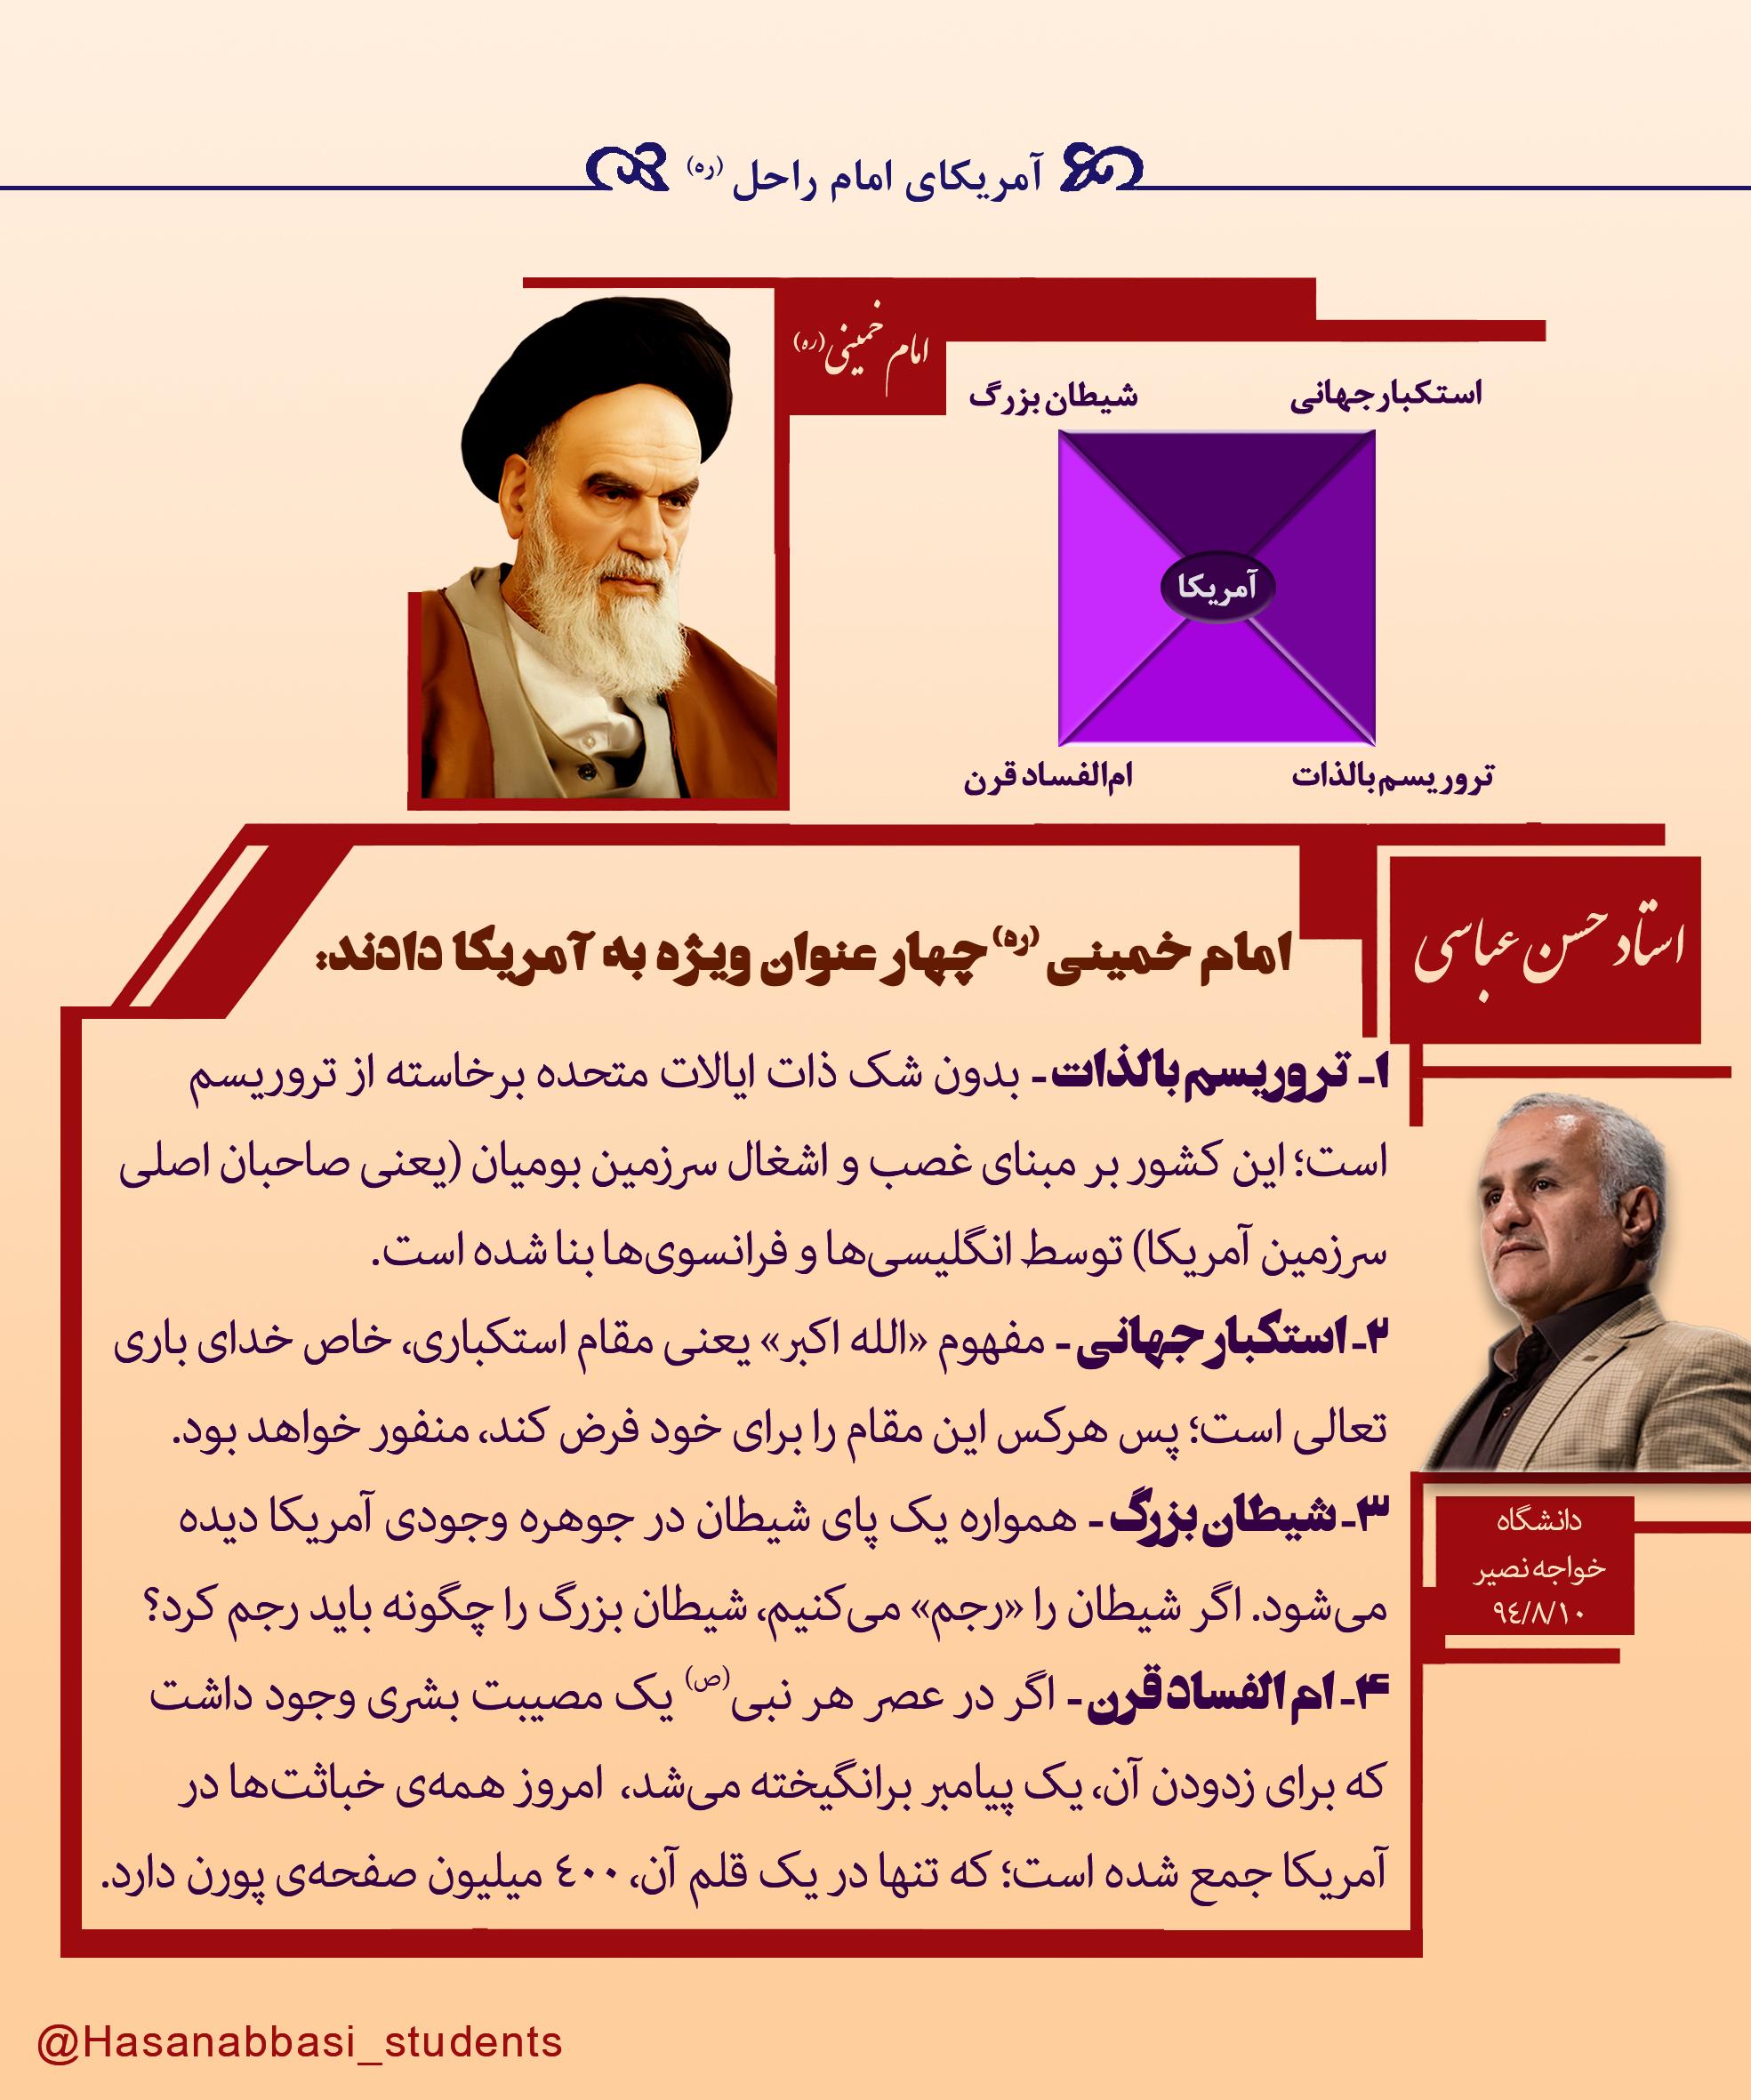 آمریکای امام خمینی – ویژهی یومالله ۱۳ آبان، روز ملی مبارزه با استکبار